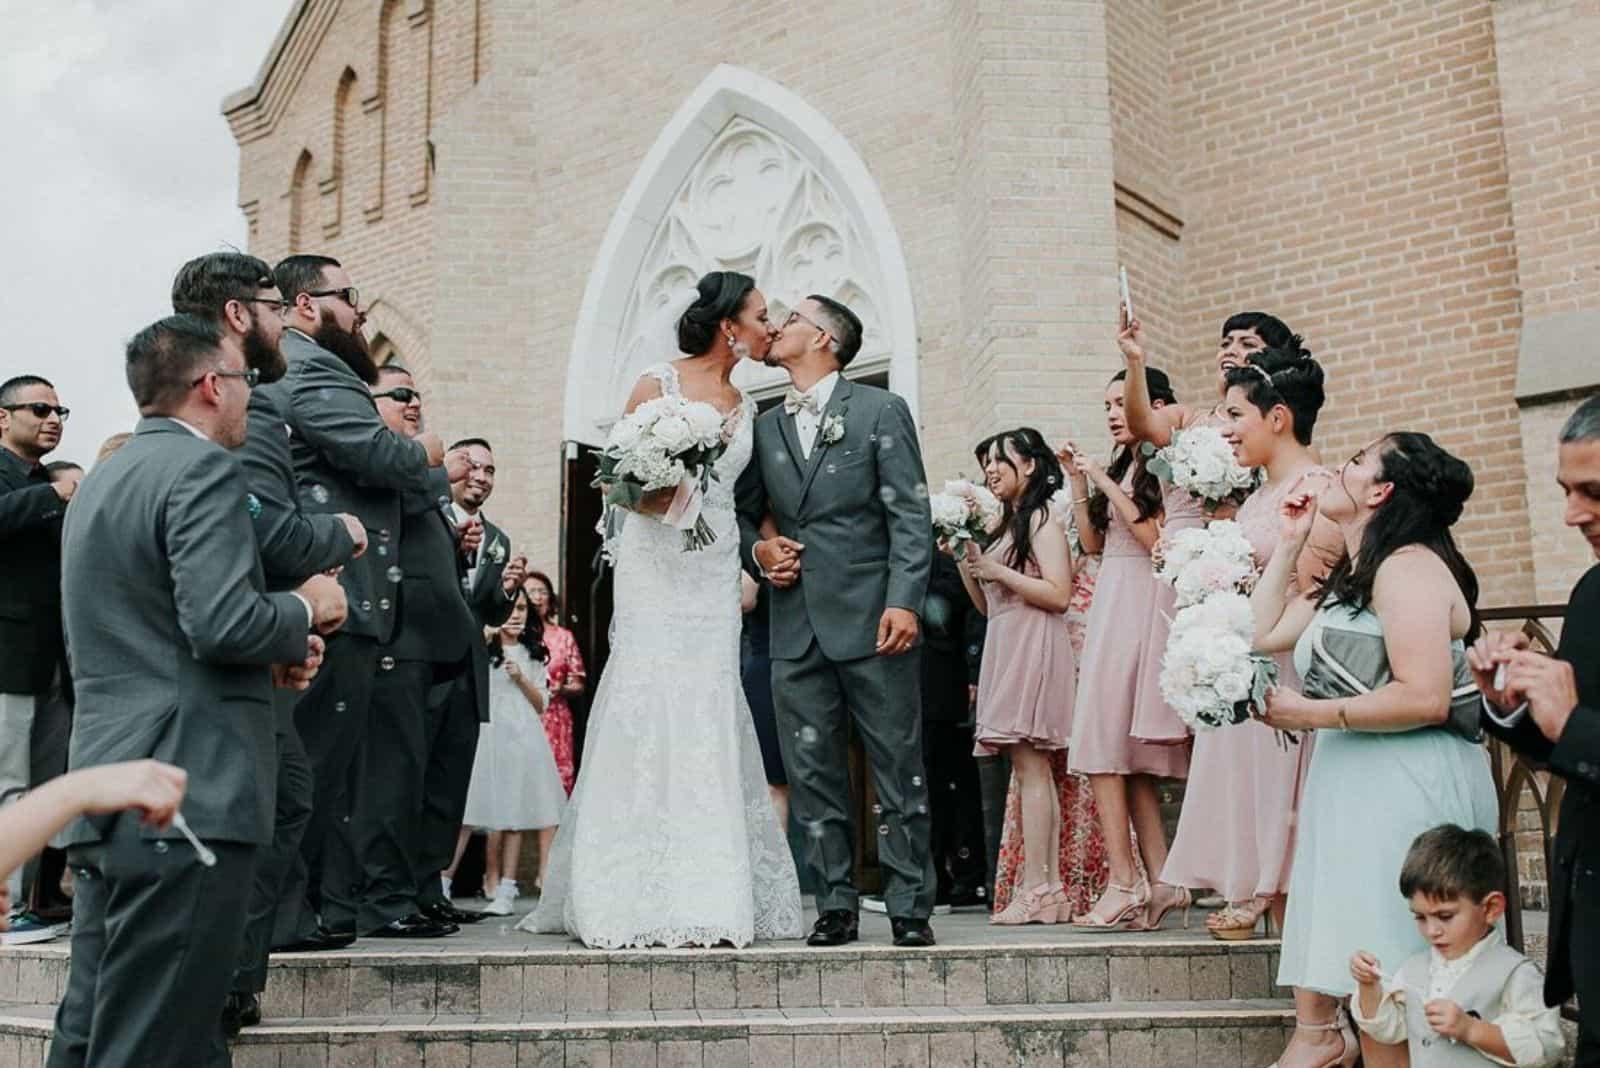 evangelische Hochzeit vor der Kirche